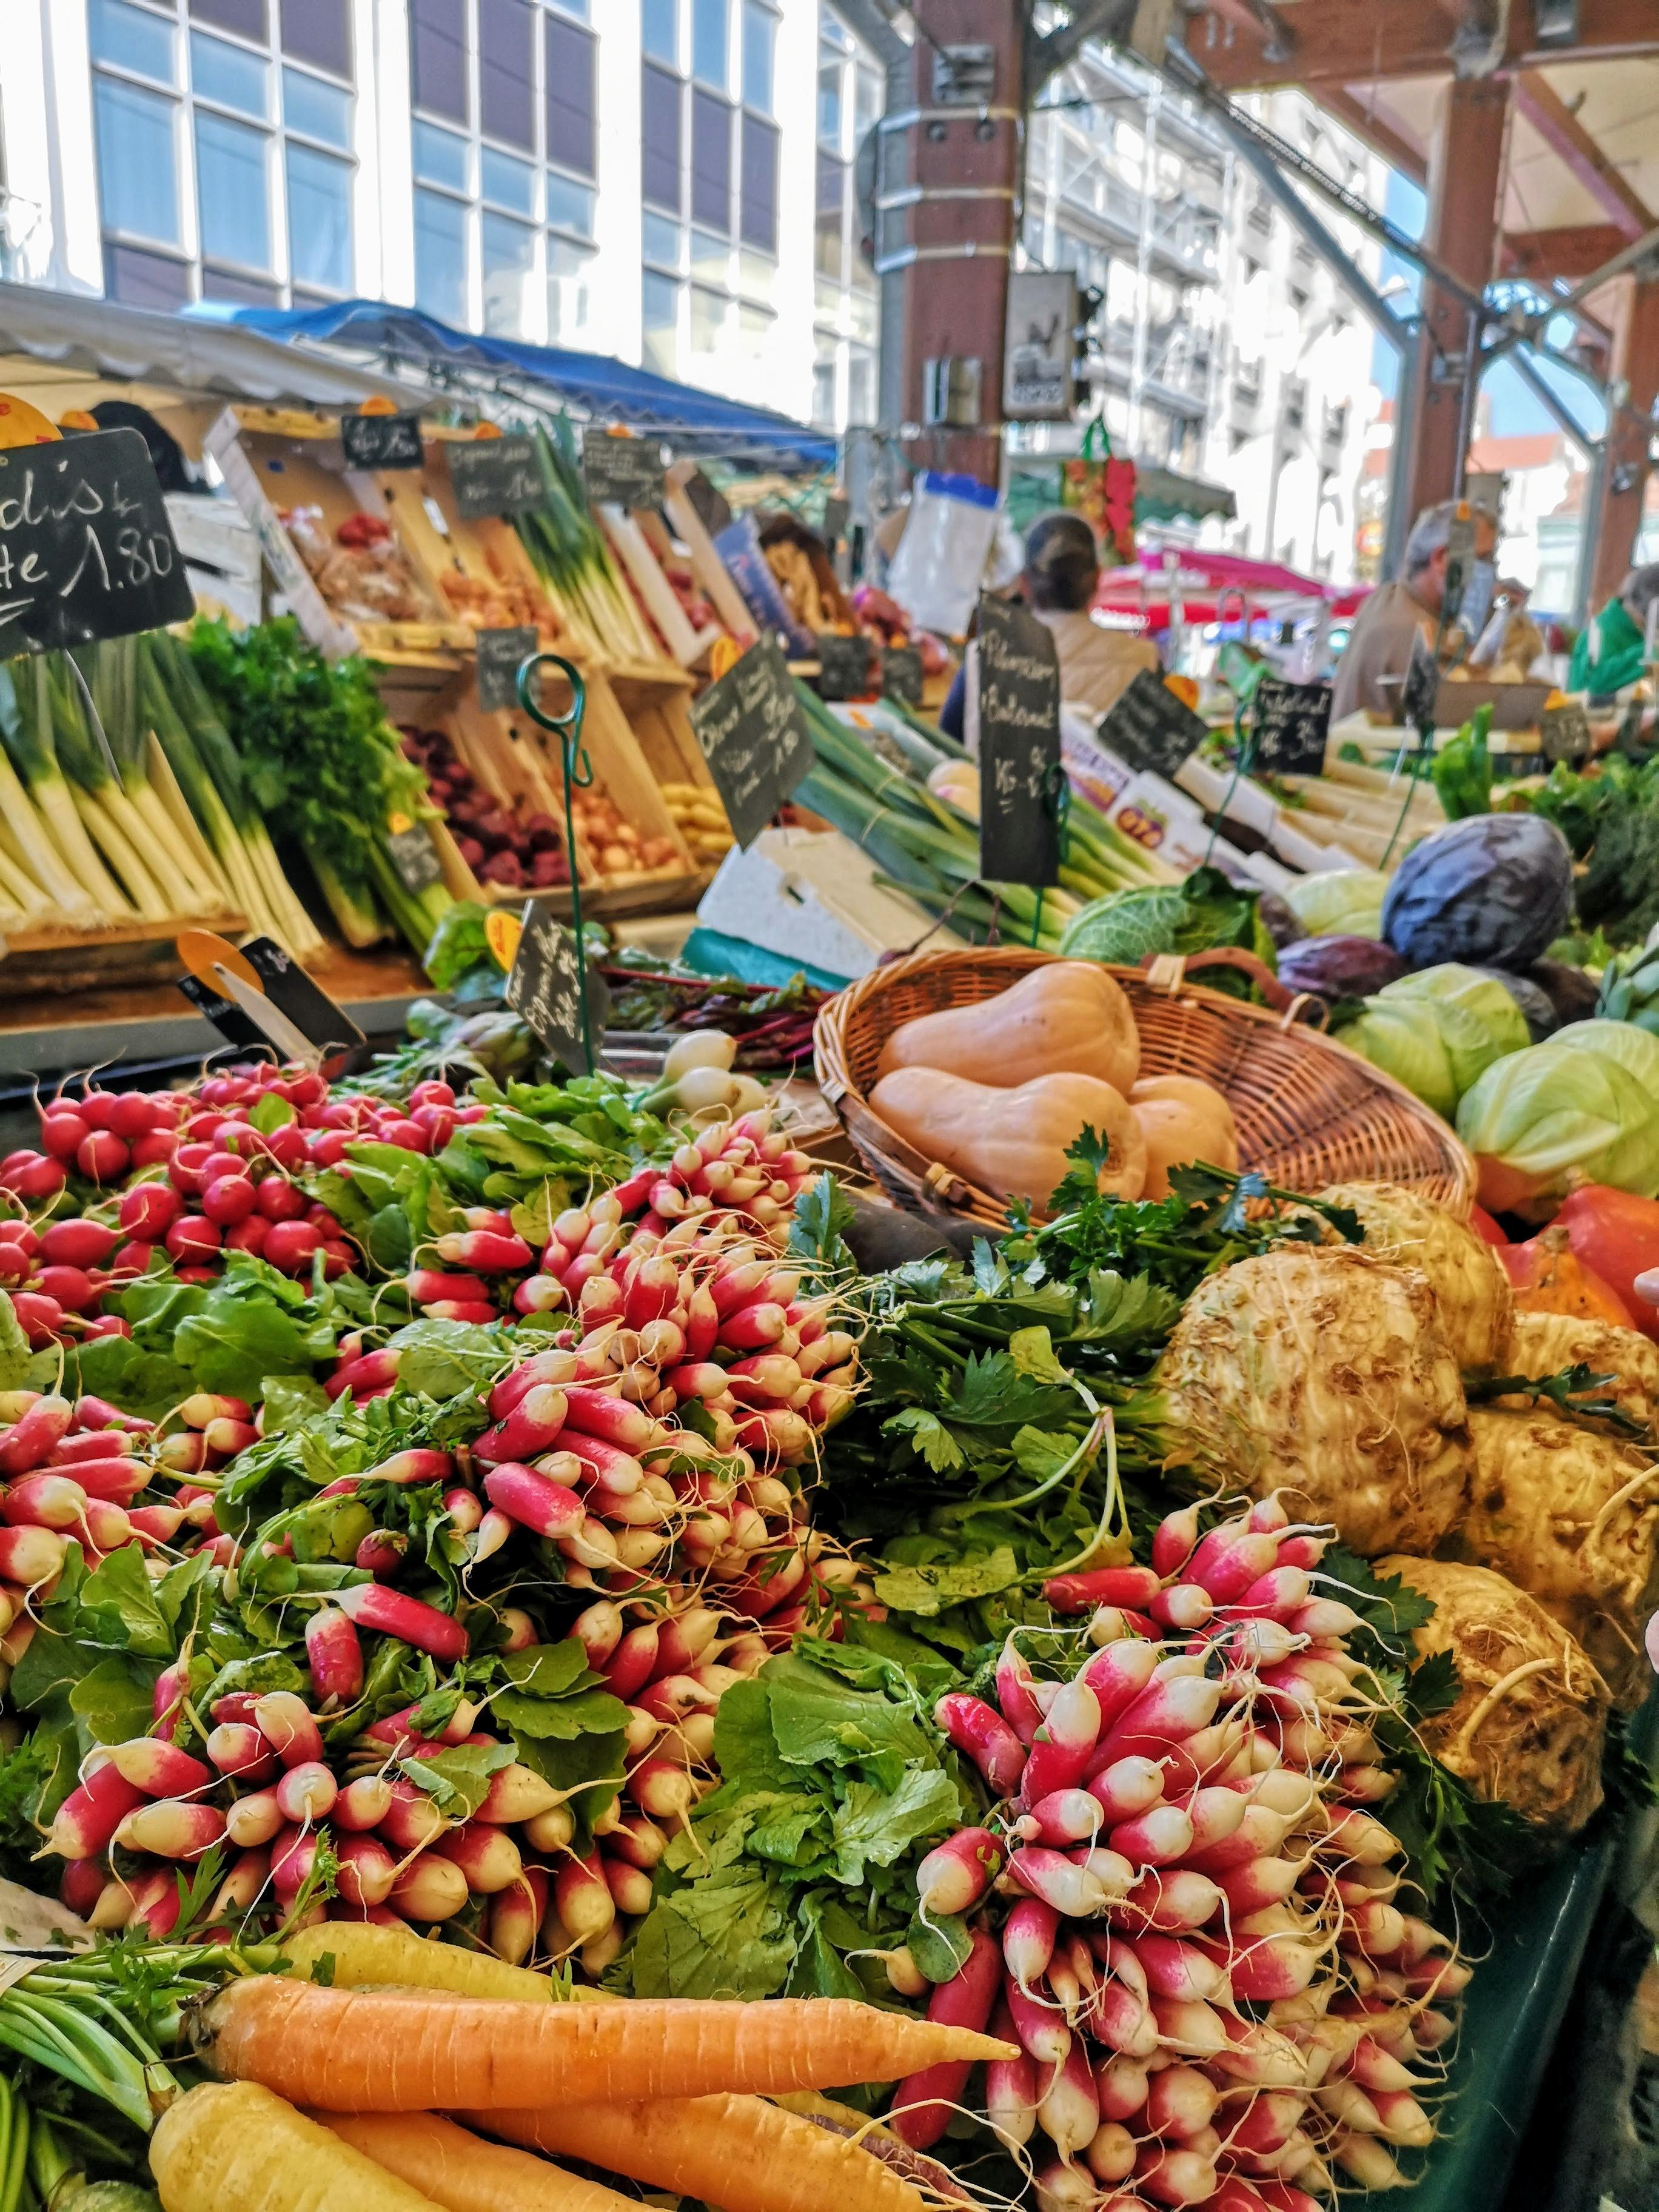 11H45 Croix de Chavaux market